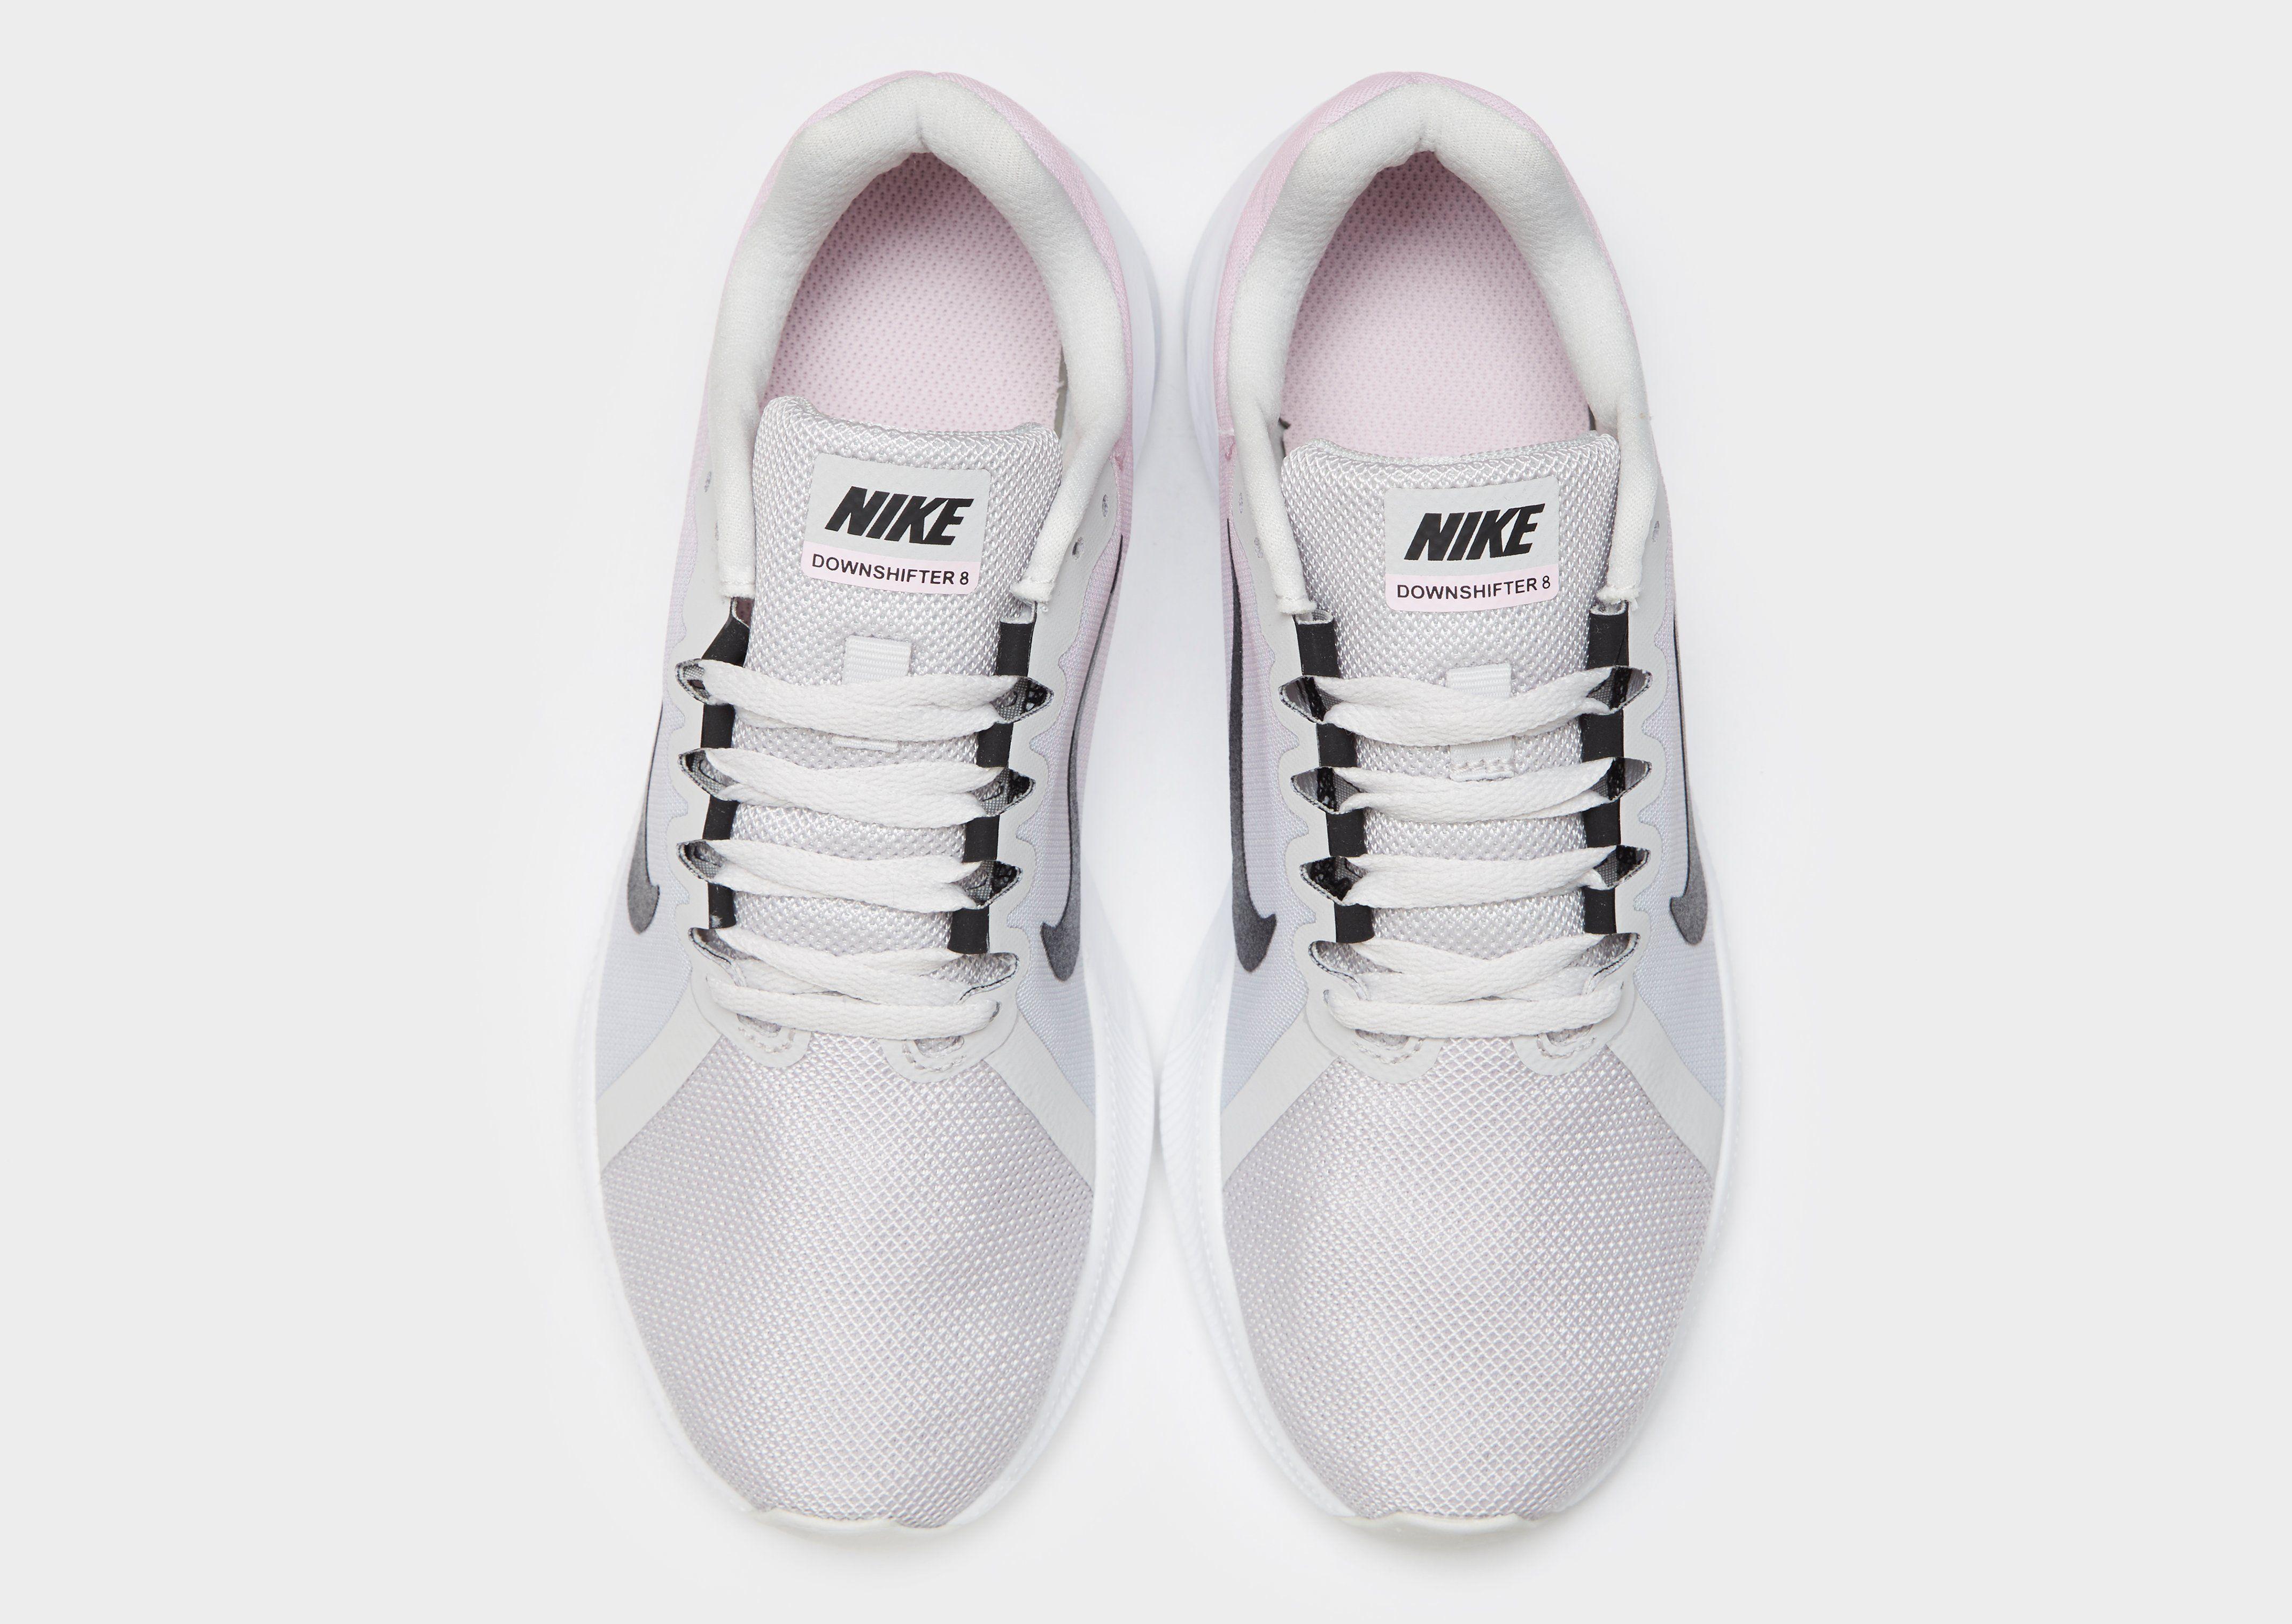 Nike Downshifter Women's